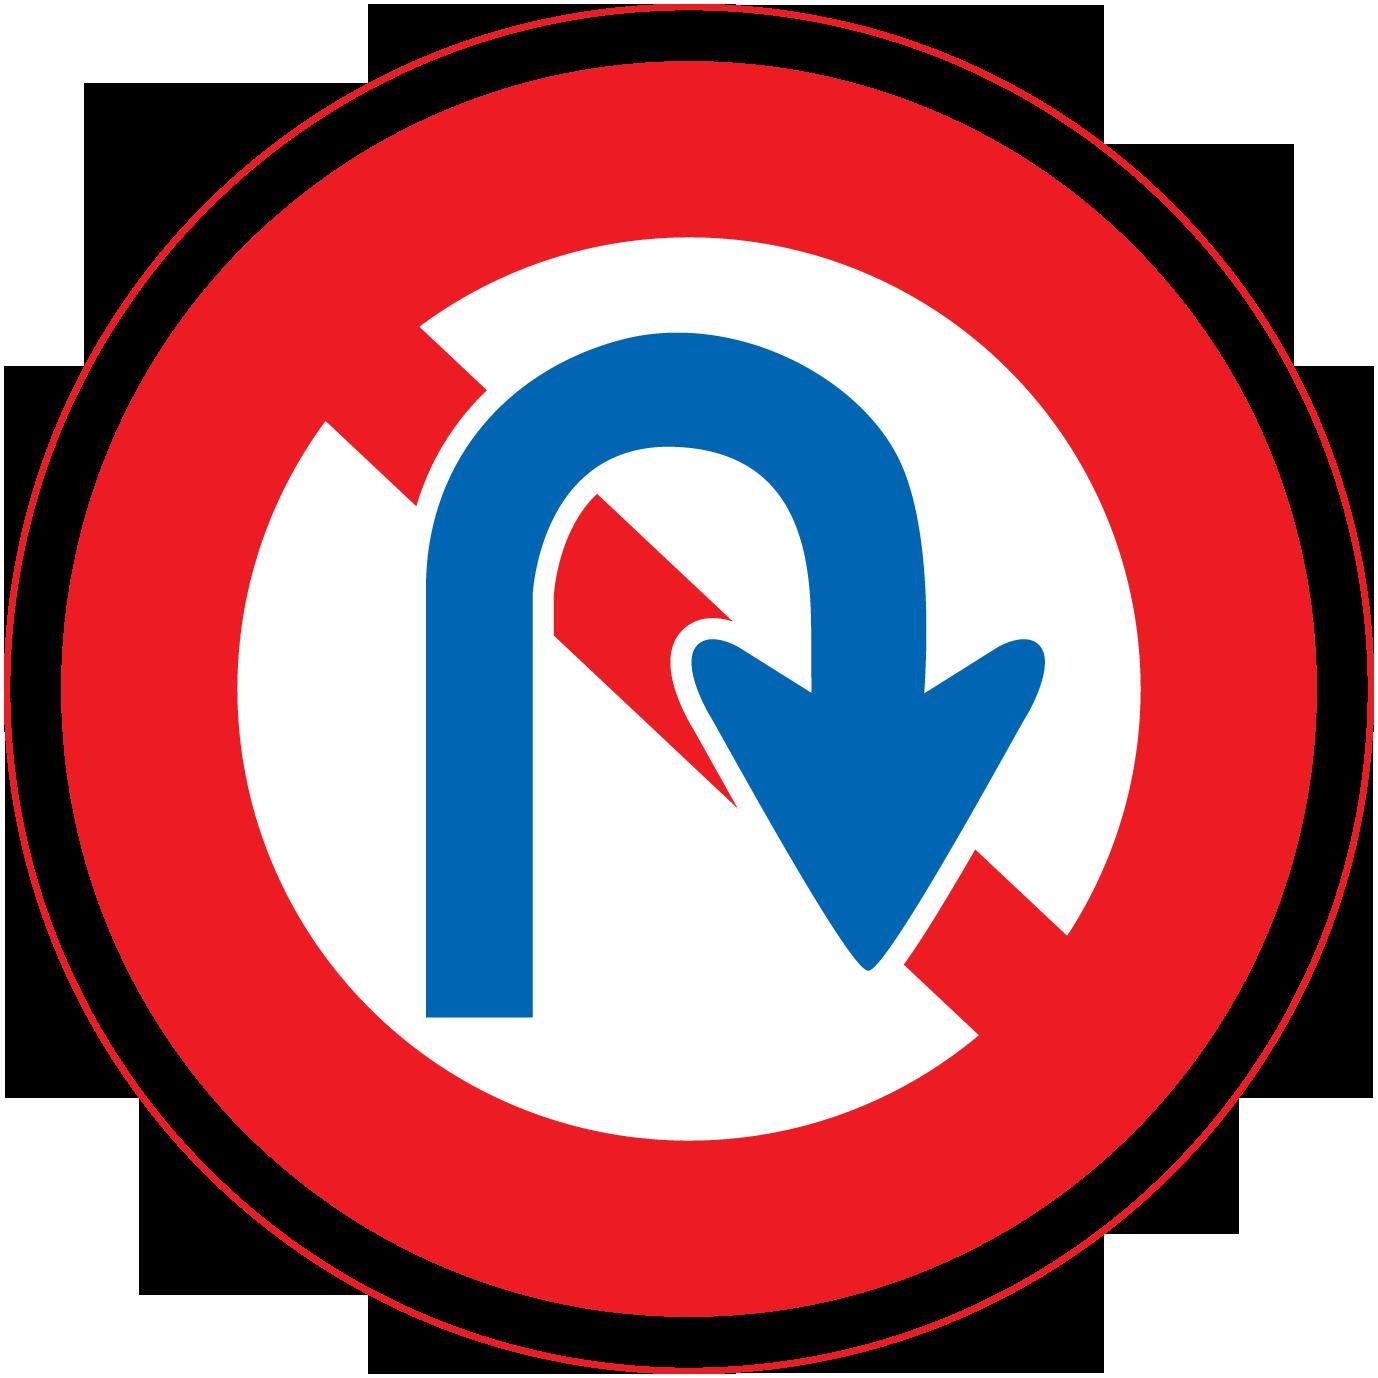 ... な交通標識のフリー(無料)素材 : 交通標識ダウンロード : すべての講義